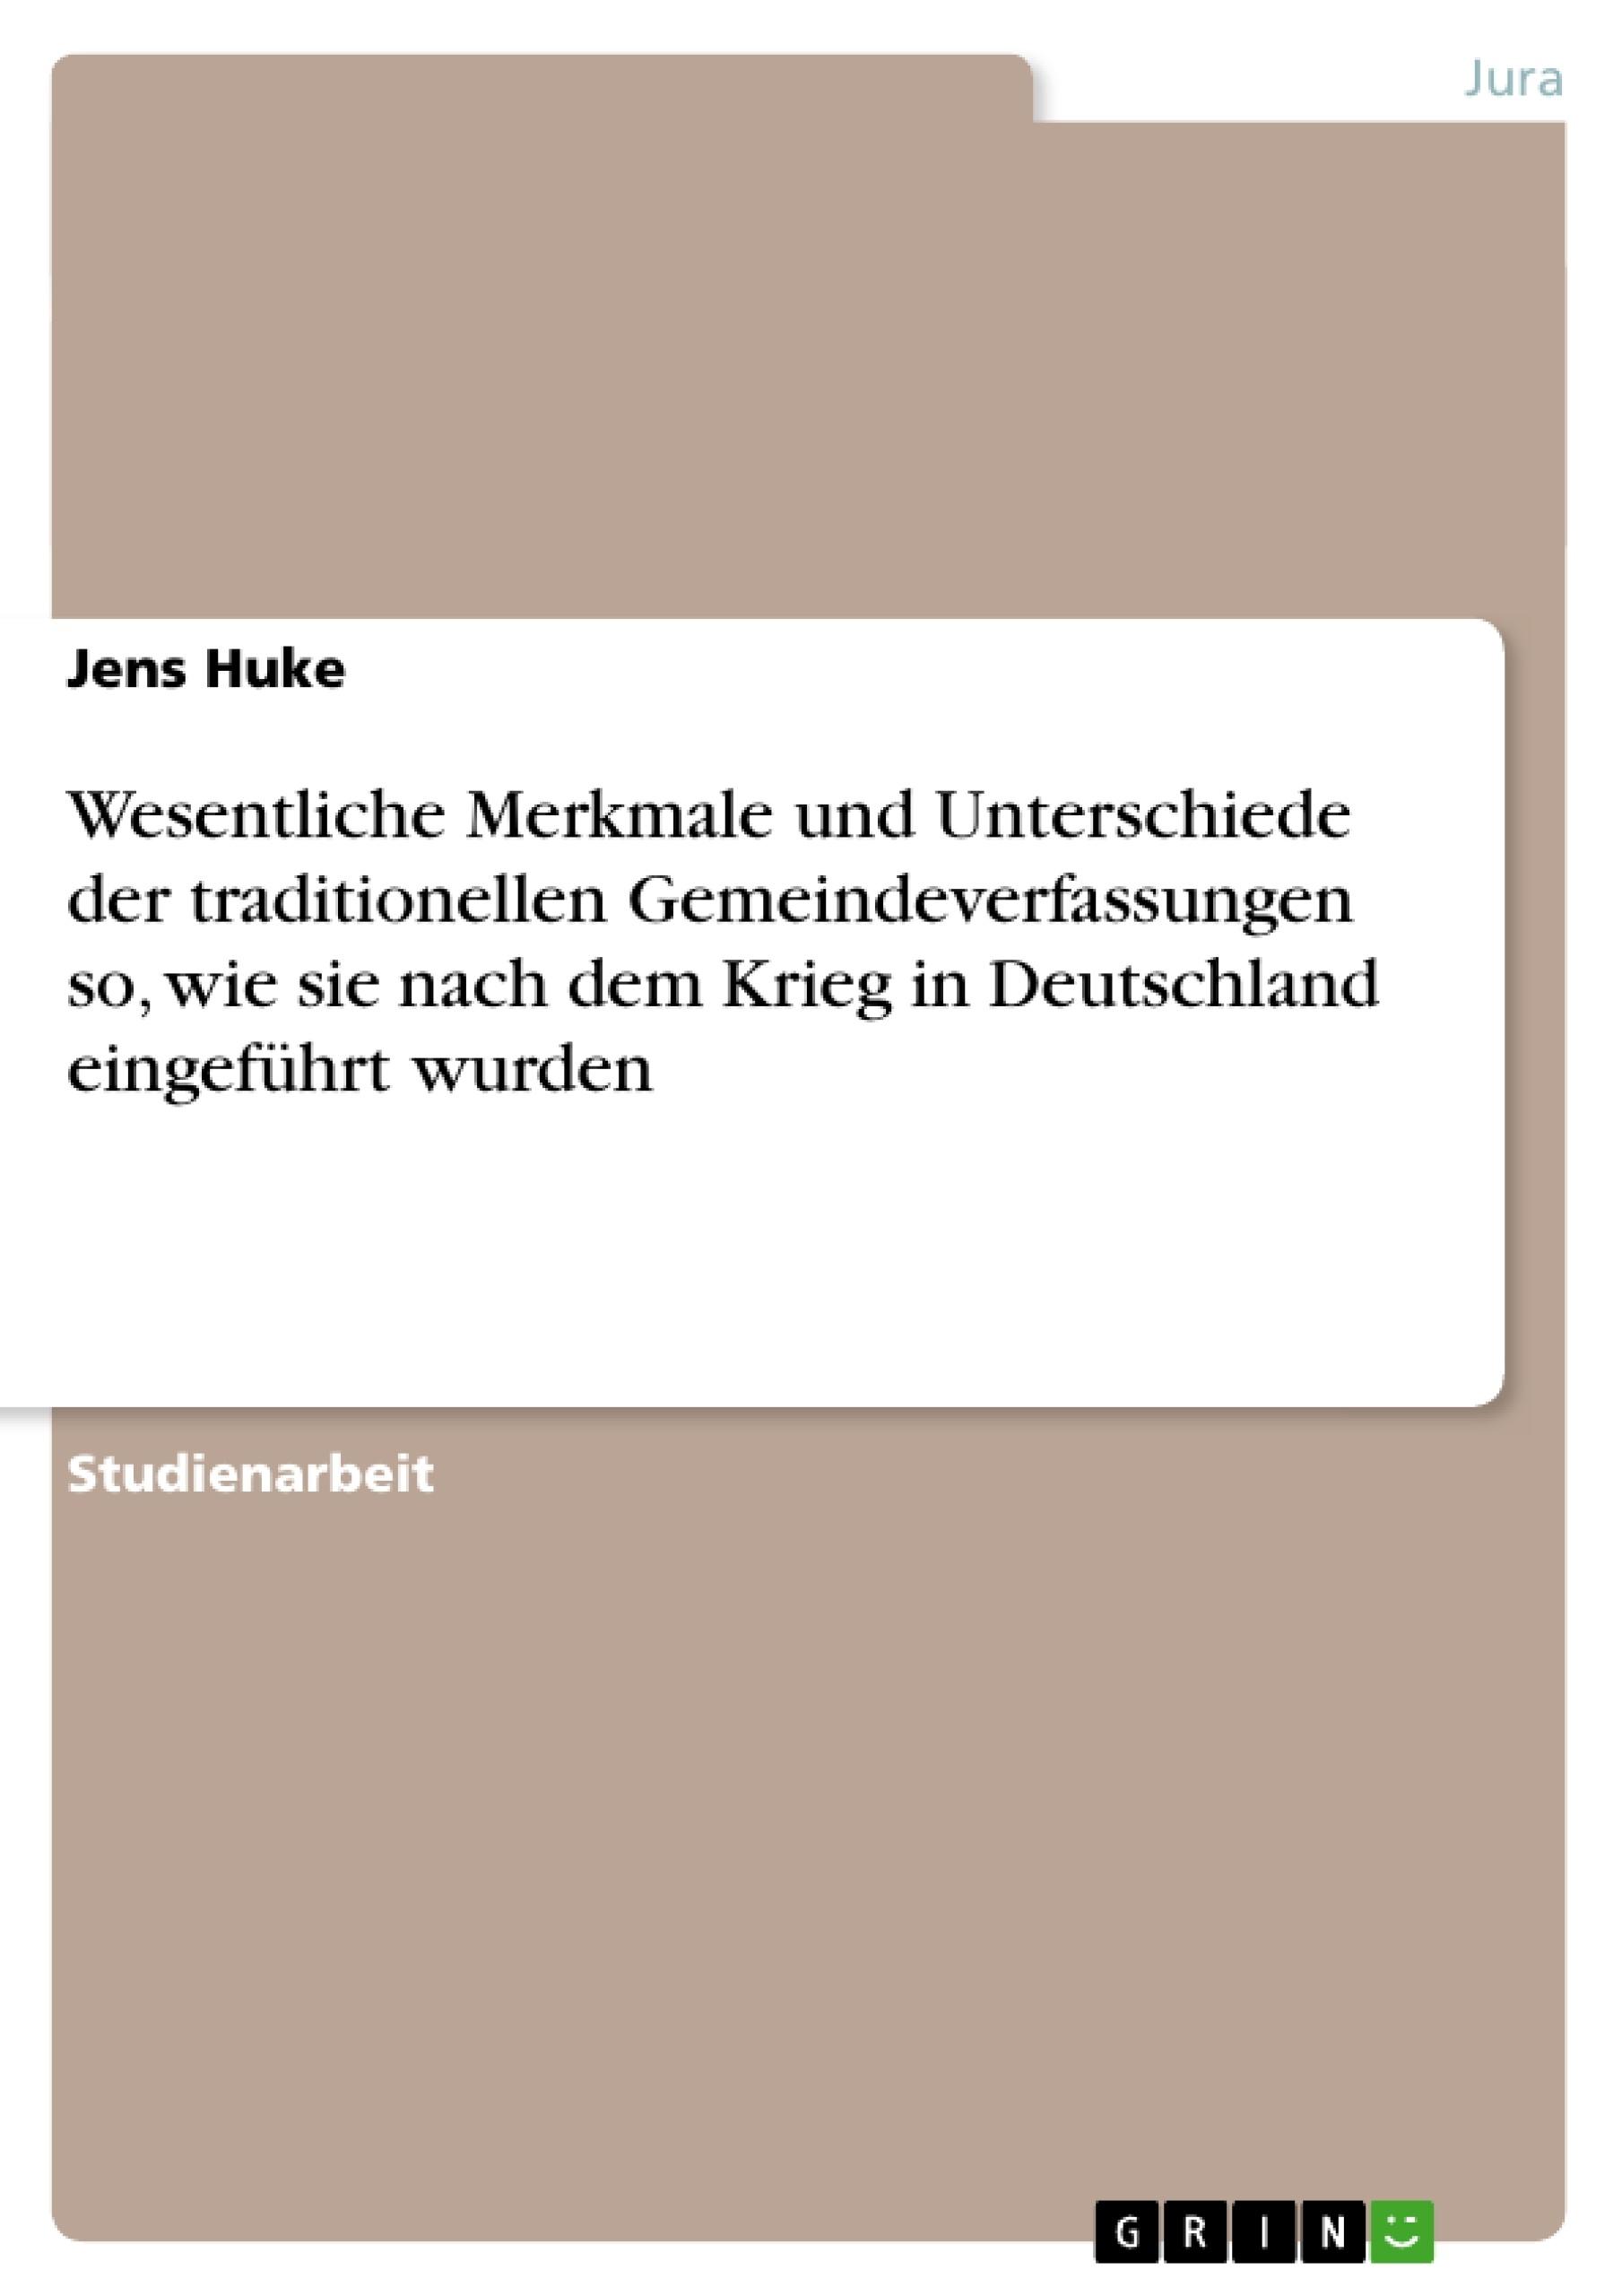 Titel: Wesentliche Merkmale und Unterschiede der traditionellen Gemeindeverfassungen so, wie sie nach dem Krieg in Deutschland eingeführt wurden